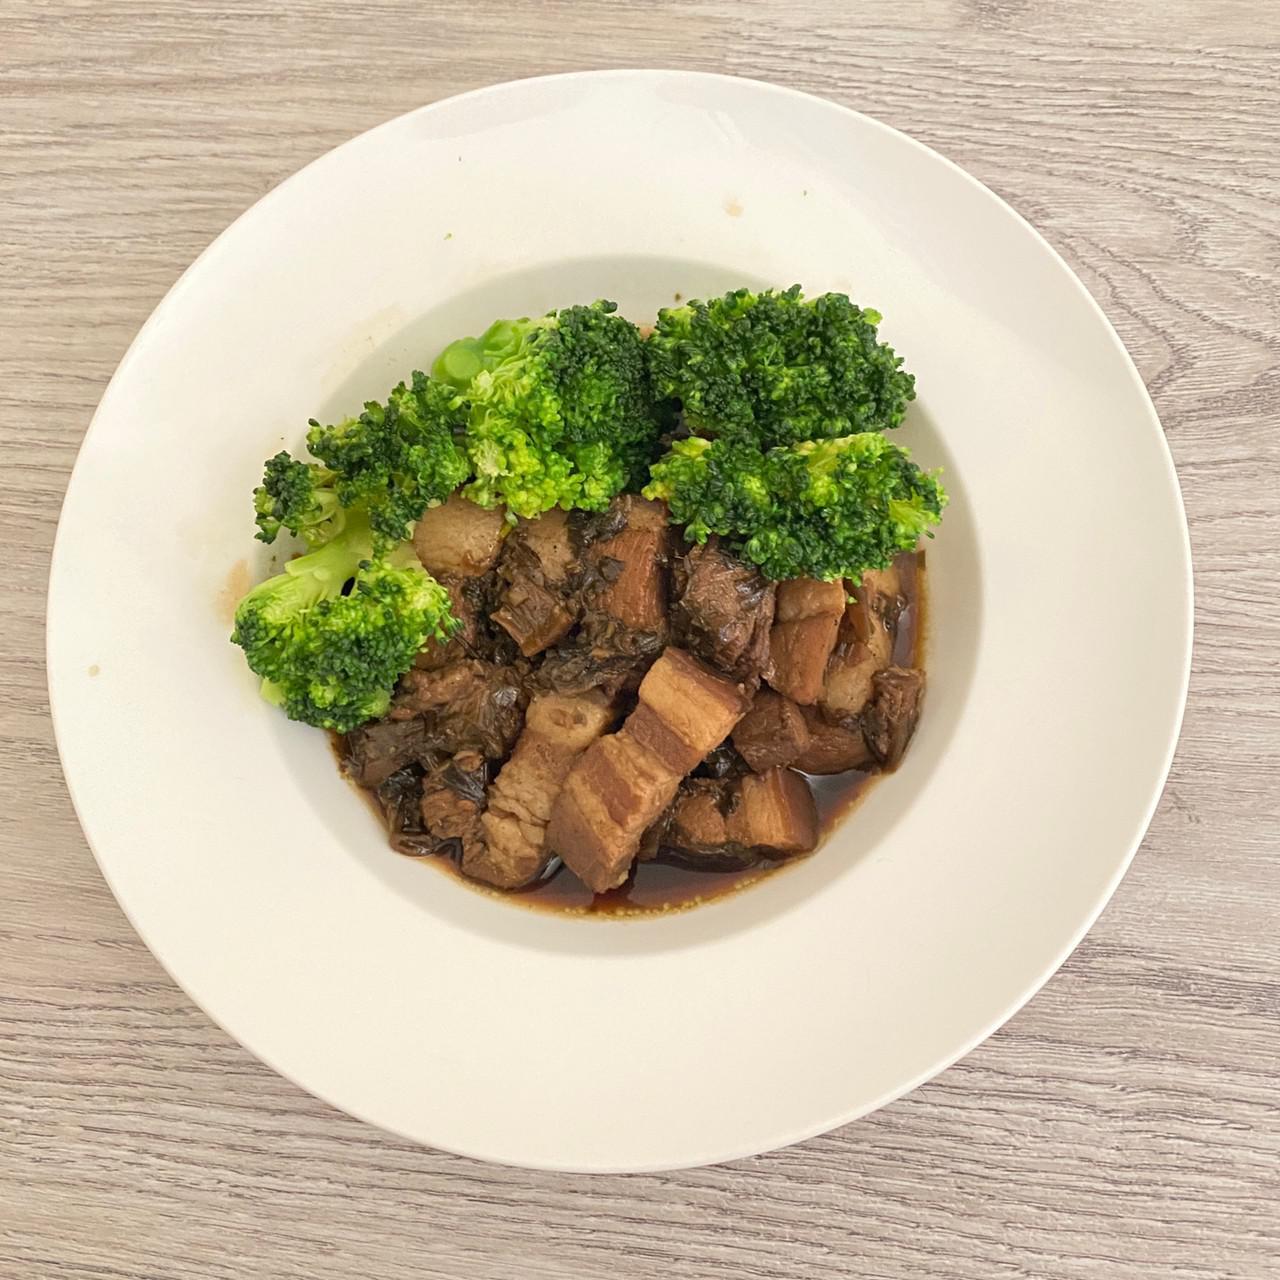 【料理包】厝內味~吃飯啦 屬於客庄的風味-客庄梅干扣肉